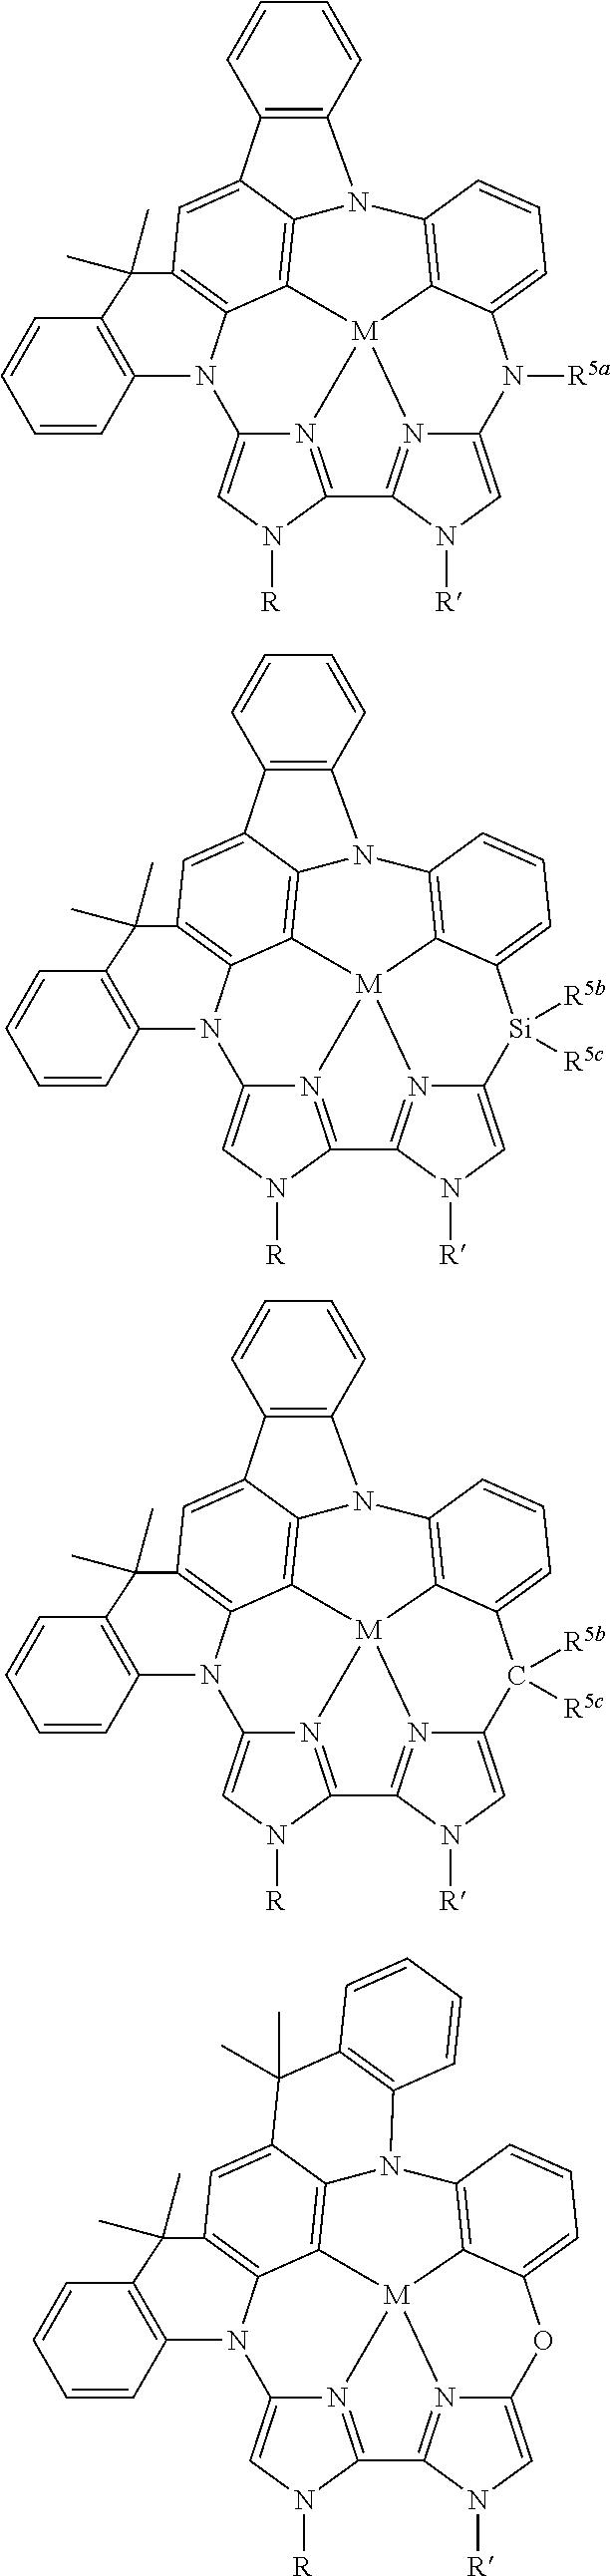 Figure US10158091-20181218-C00294